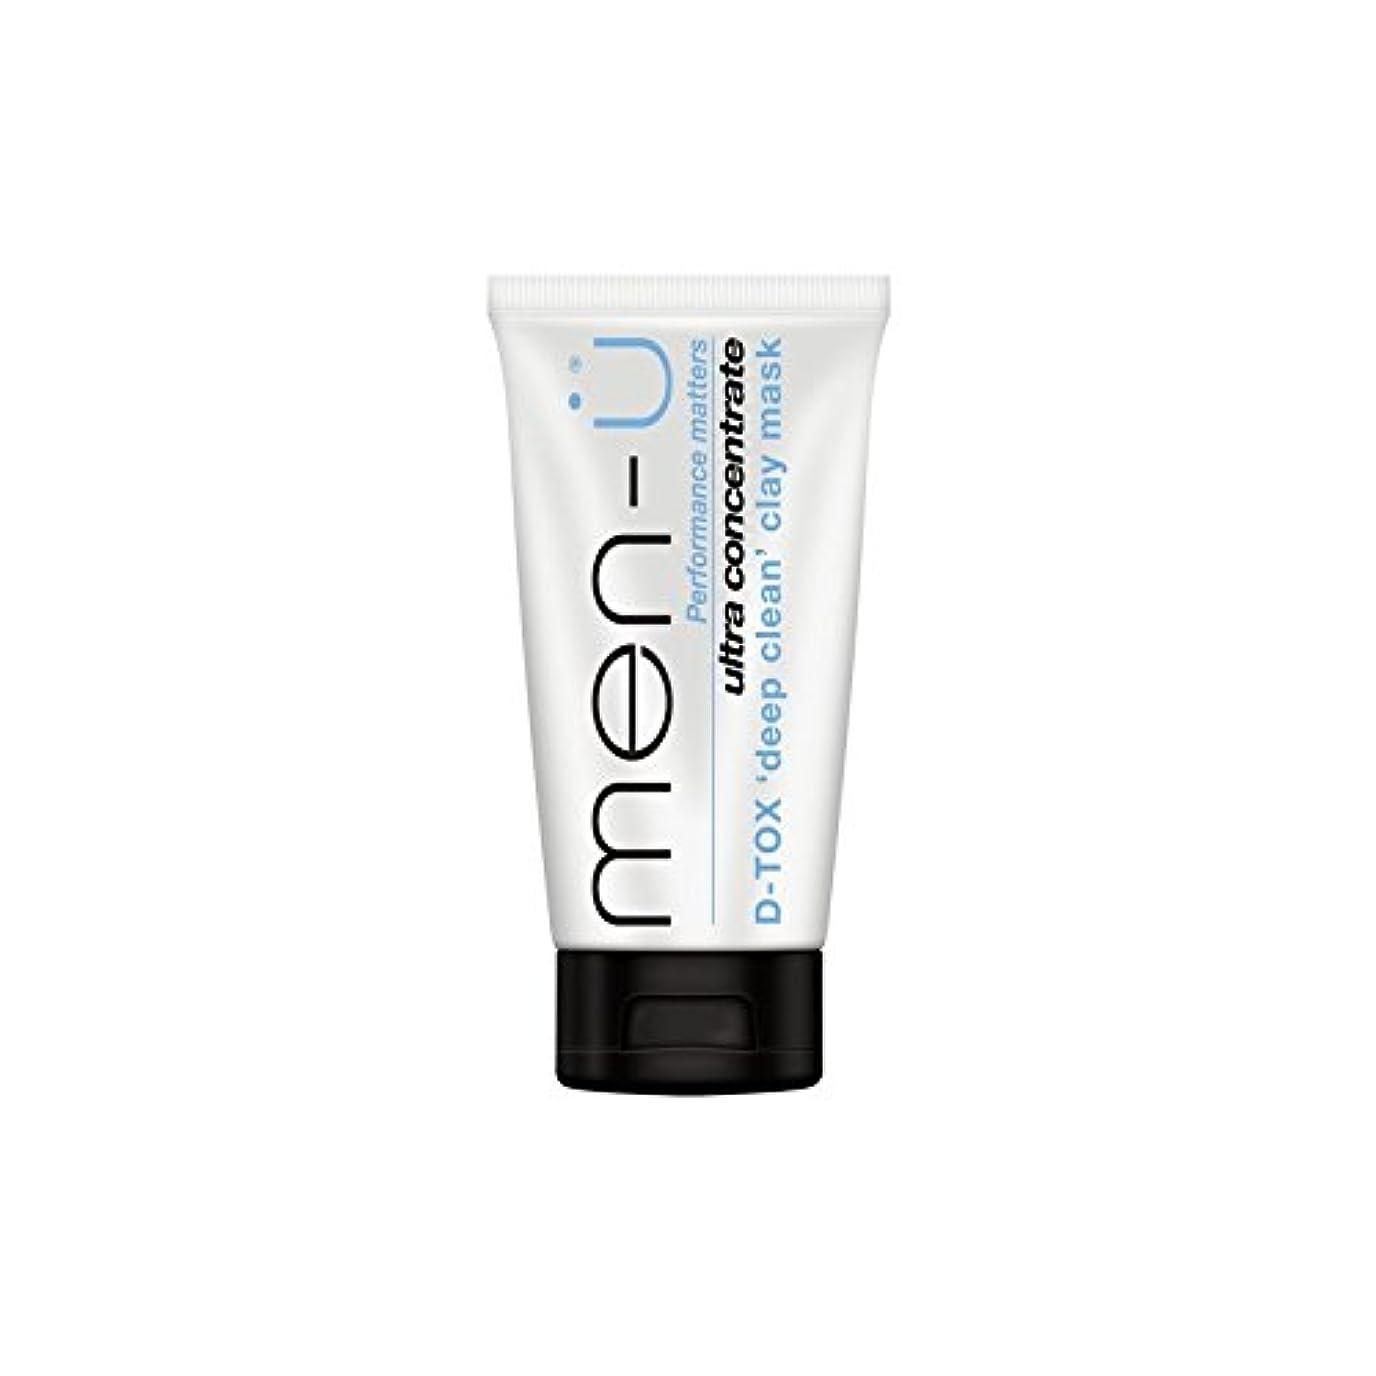 ベッツィトロットウッド未払い処理するMen-? D-Tox Deep Clean Clay Mask (100ml) - 男性- -深いクリーンクレイマスク(100ミリリットル) [並行輸入品]